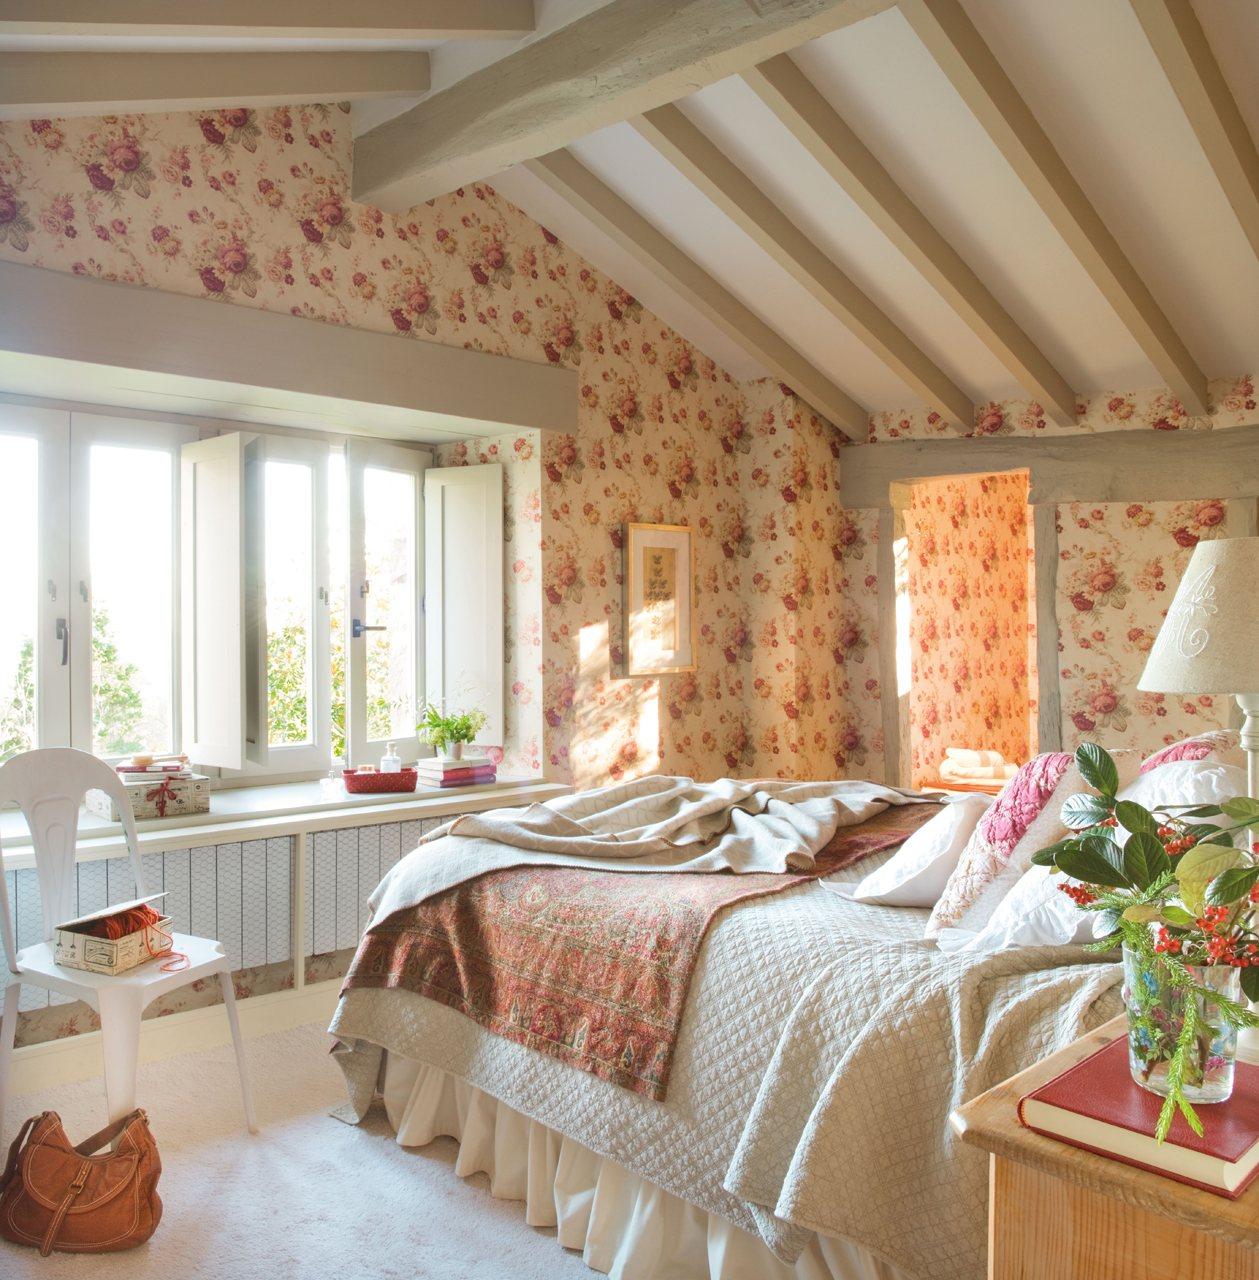 dormitorio romntico con ventanal un dormitorio romntico en la buhardilla